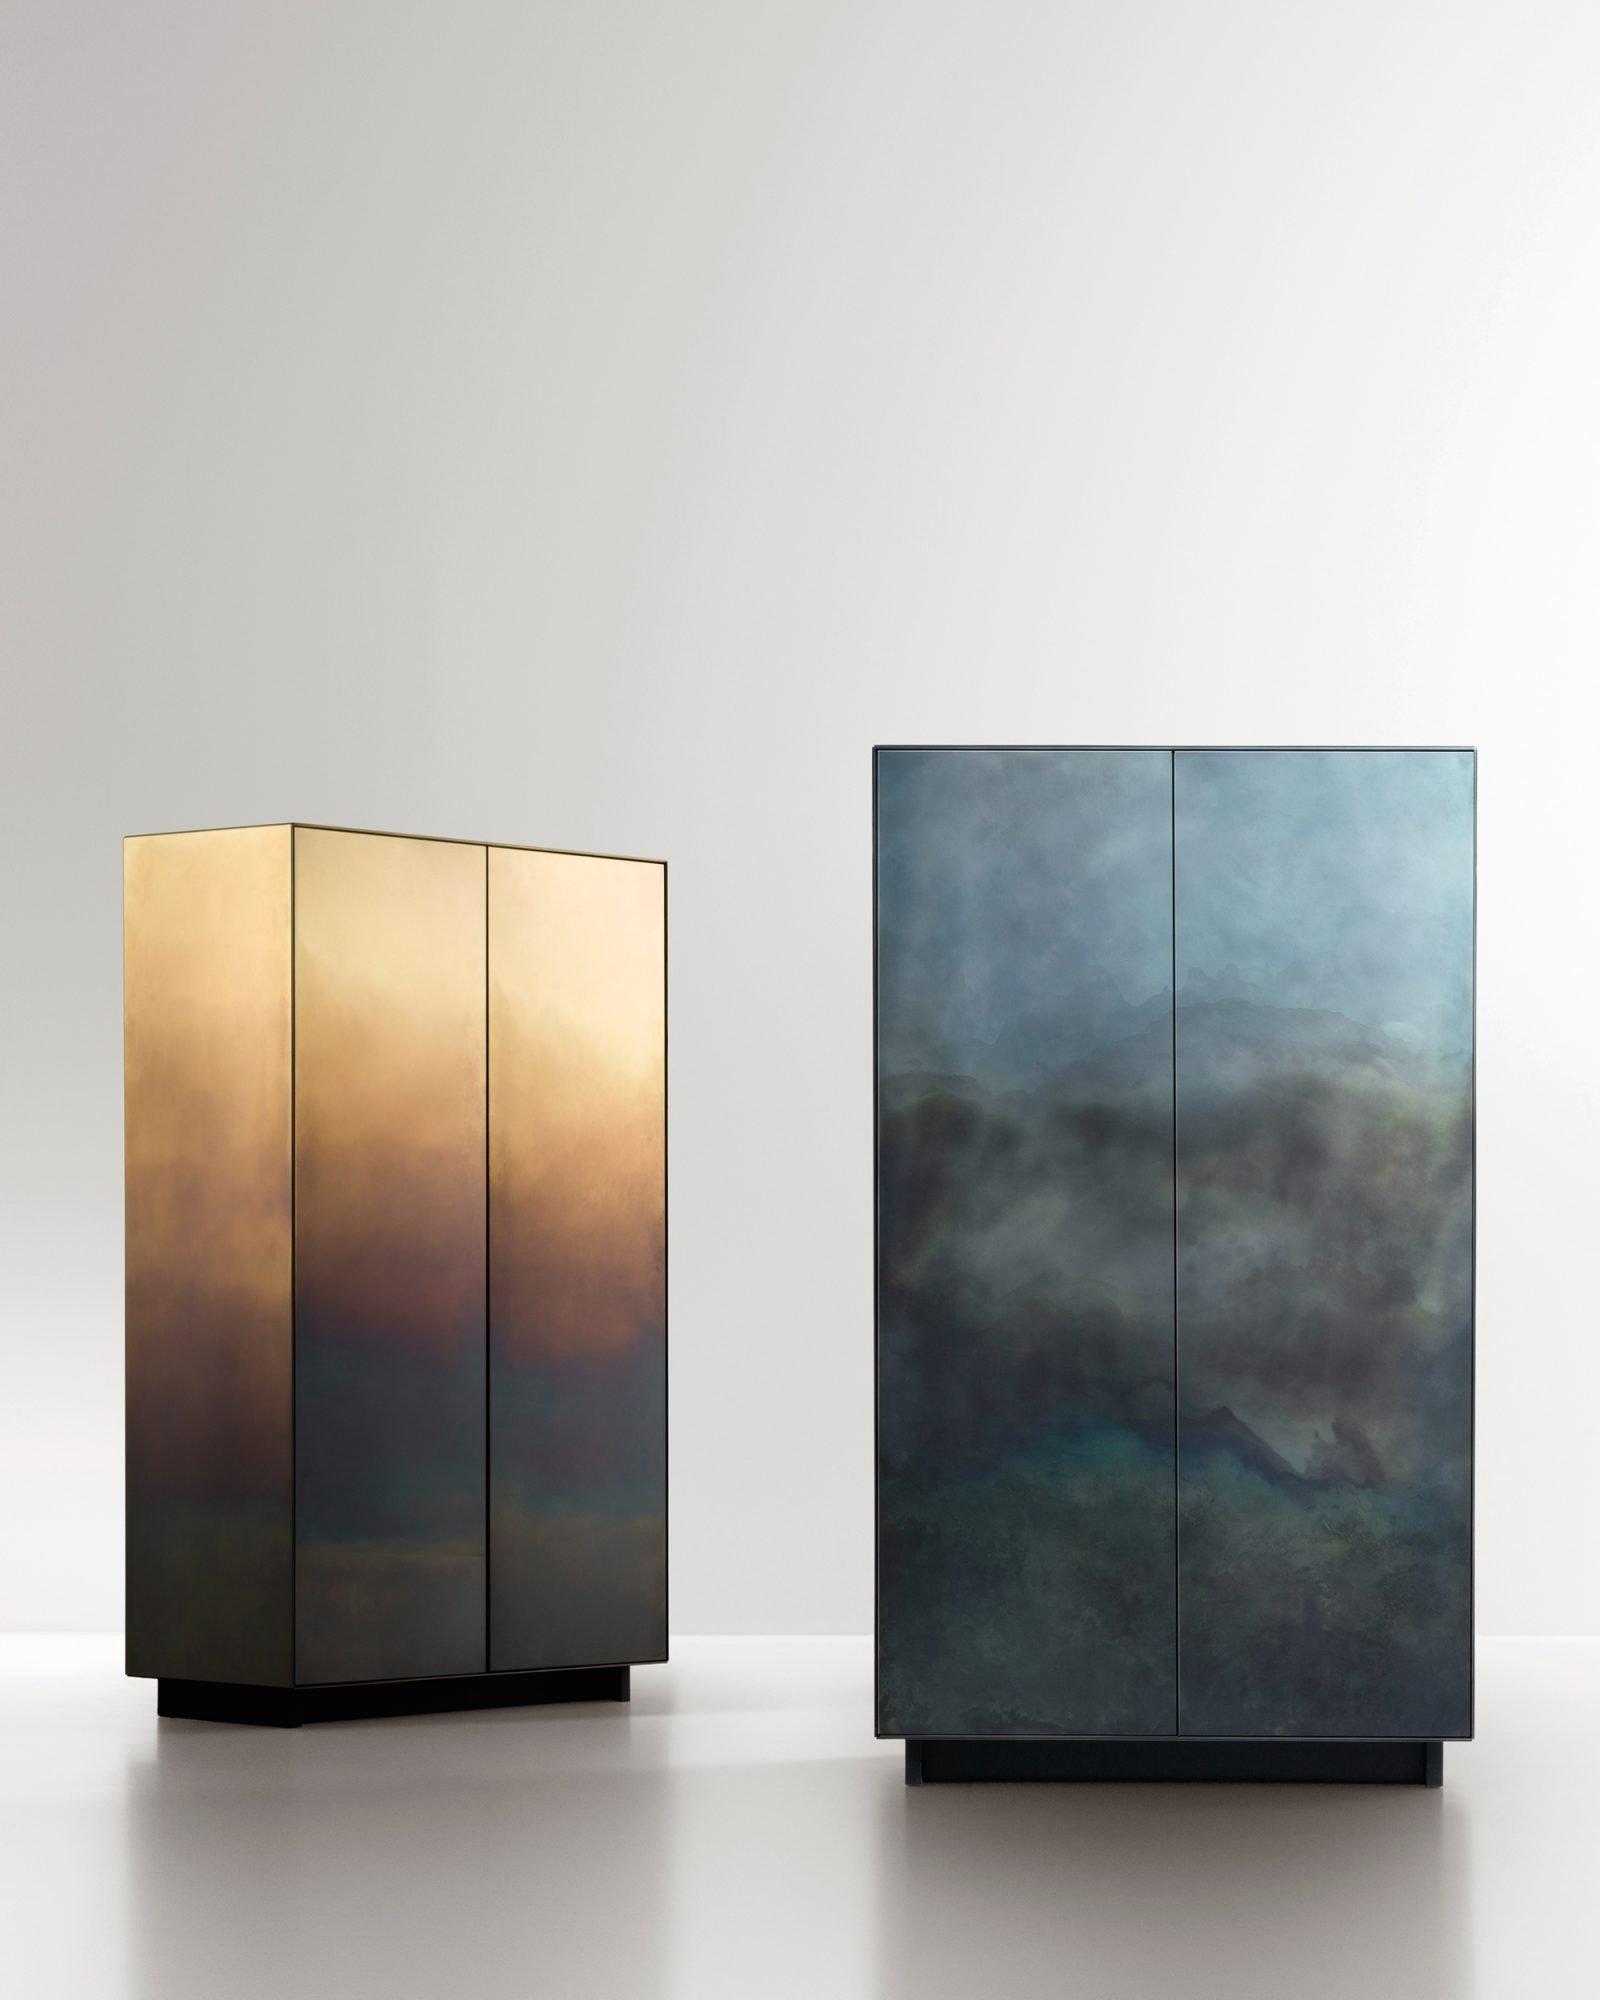 Marea Cabinet from De Castelli, designed by Zanellato & Bortotto